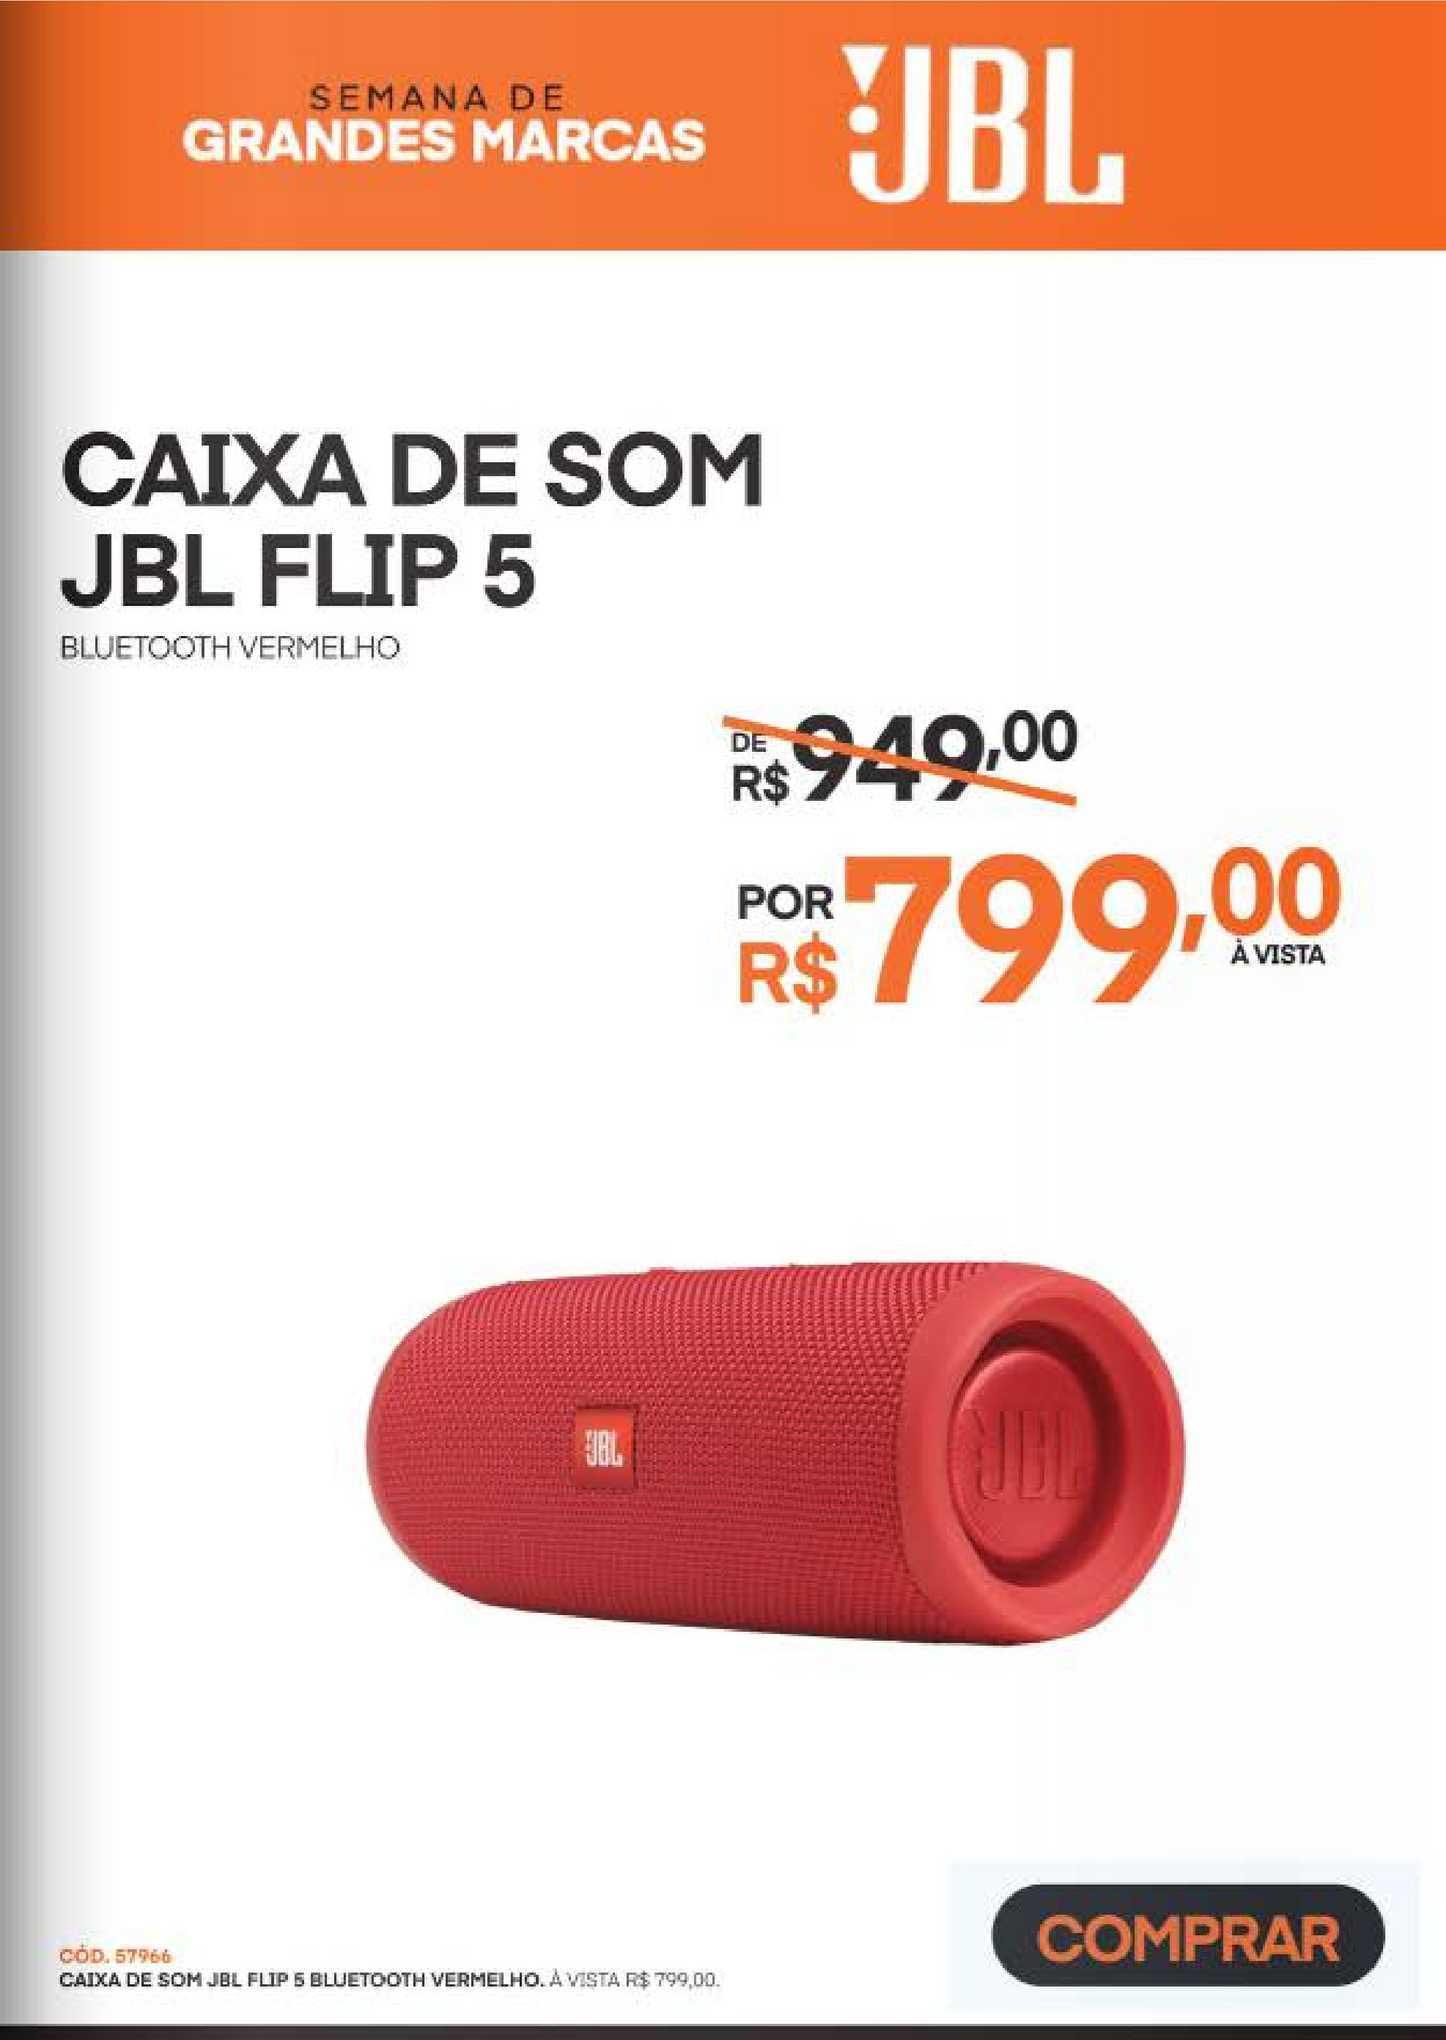 Schumann Caixa De Som Jbl Flip 5